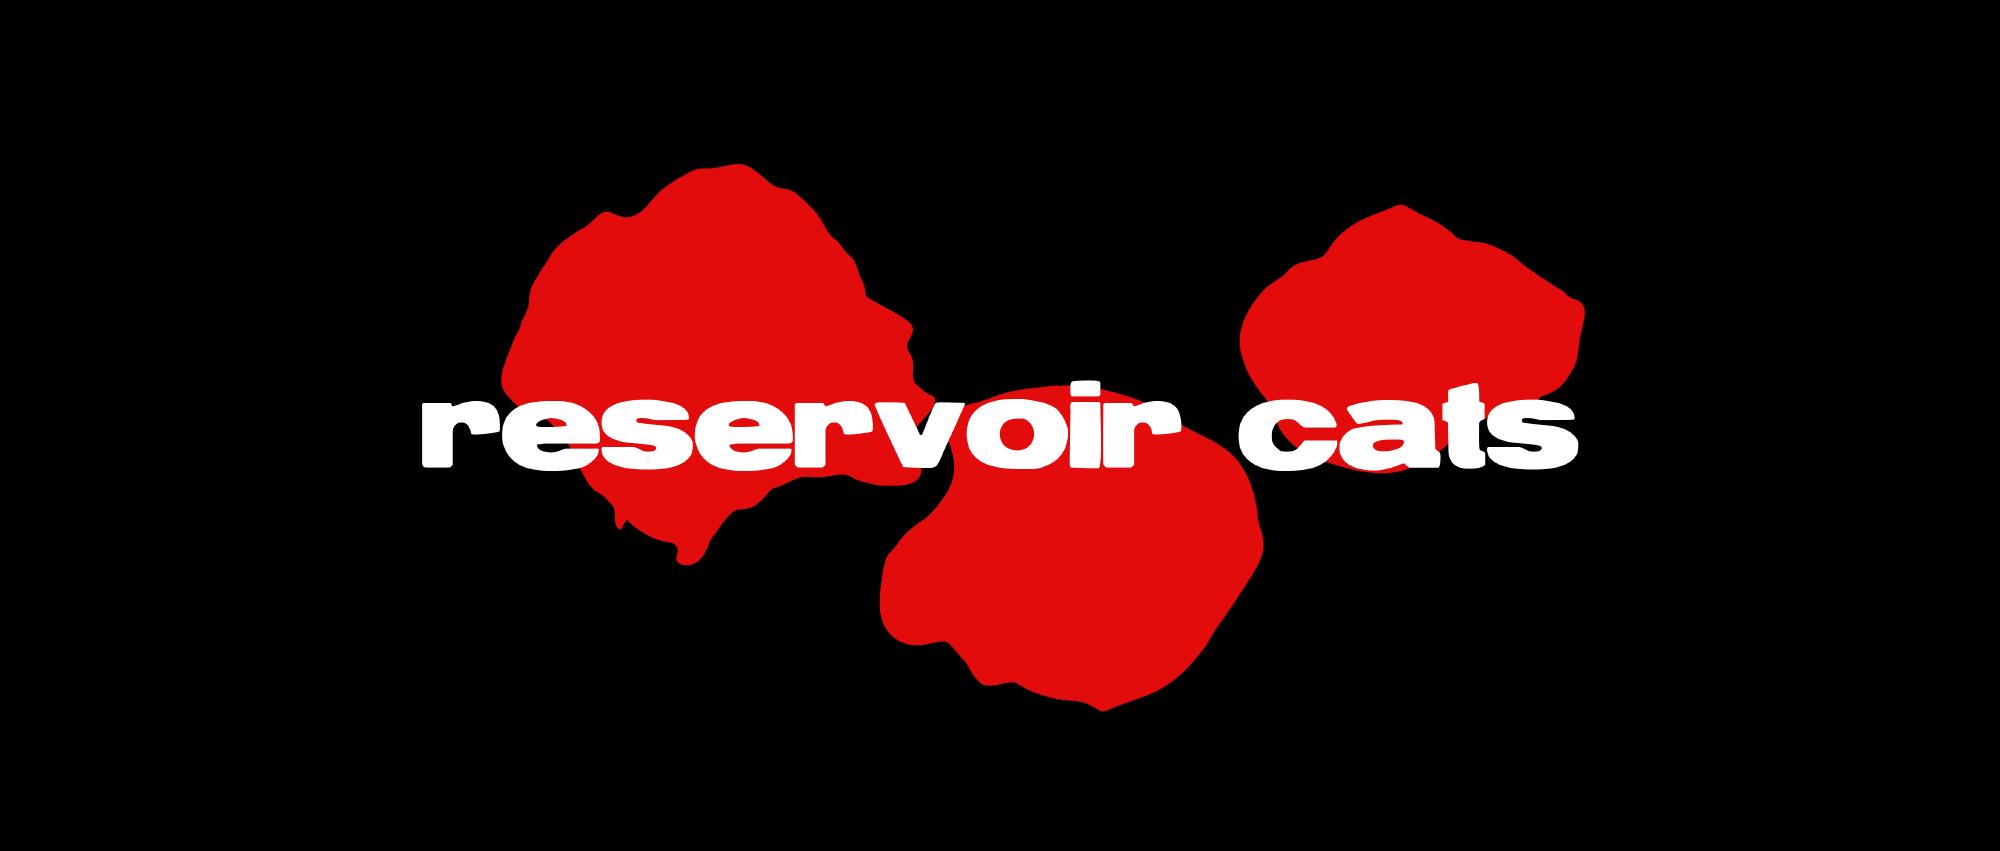 reservoir%20cats.png